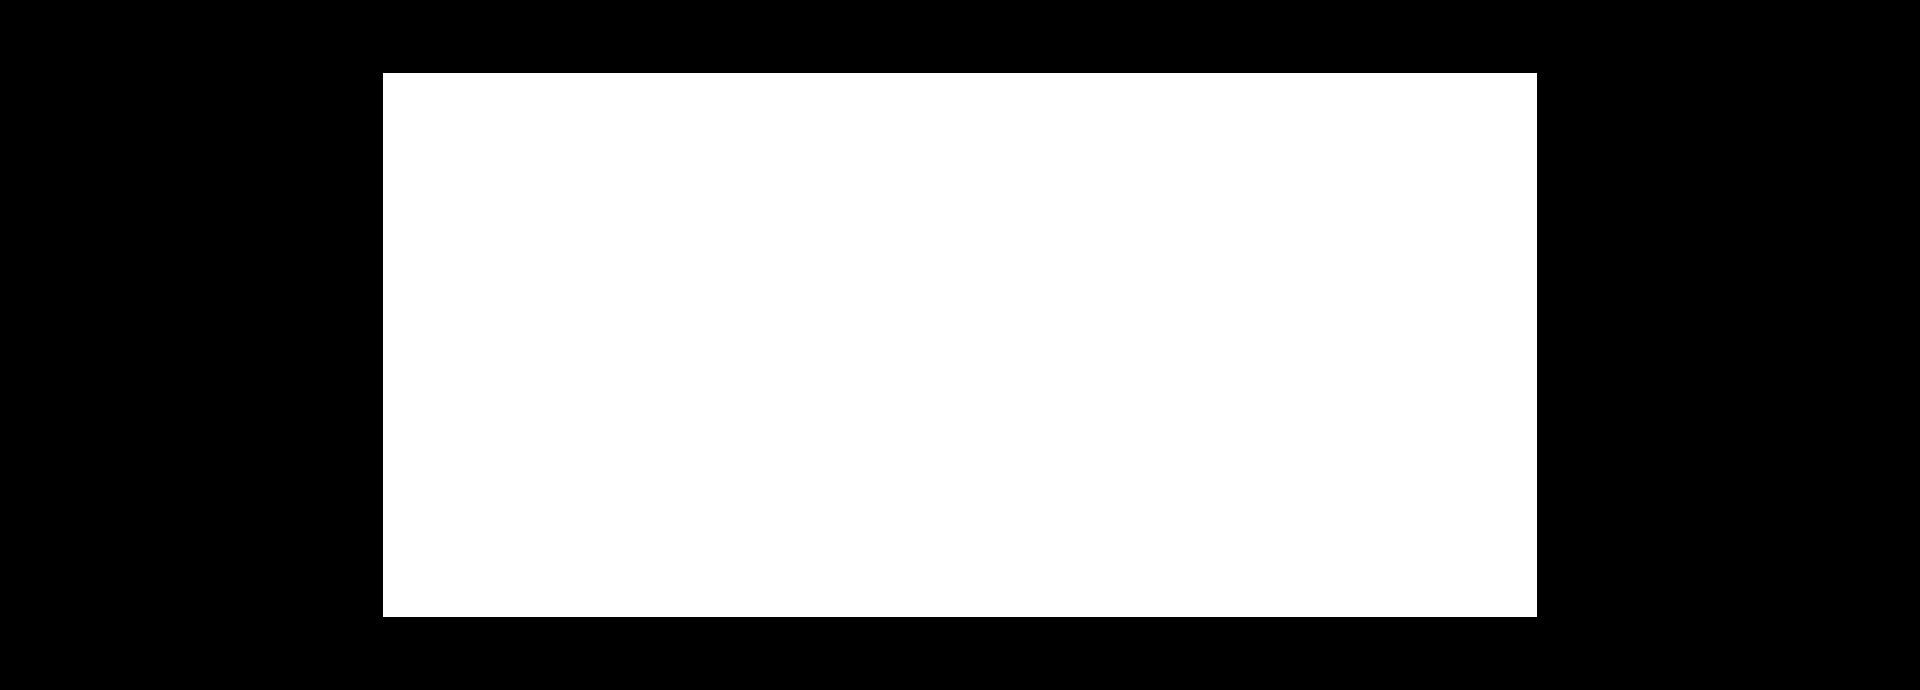 labosalemdiagnostics,lsd,ls, diagnostics, covid19, pharma,pharma algerie, check3